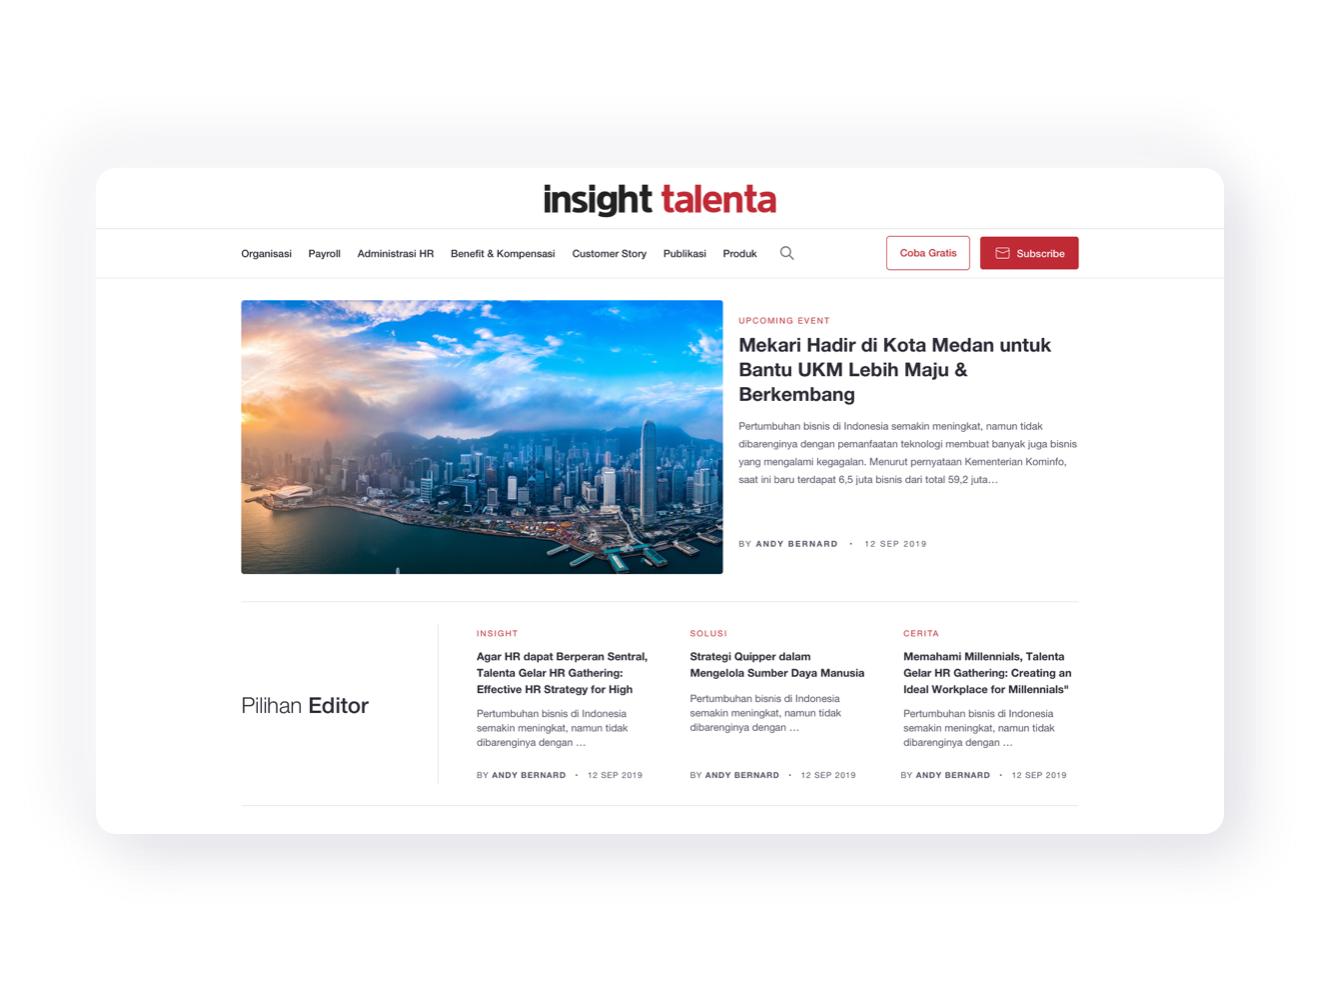 Insight Talenta